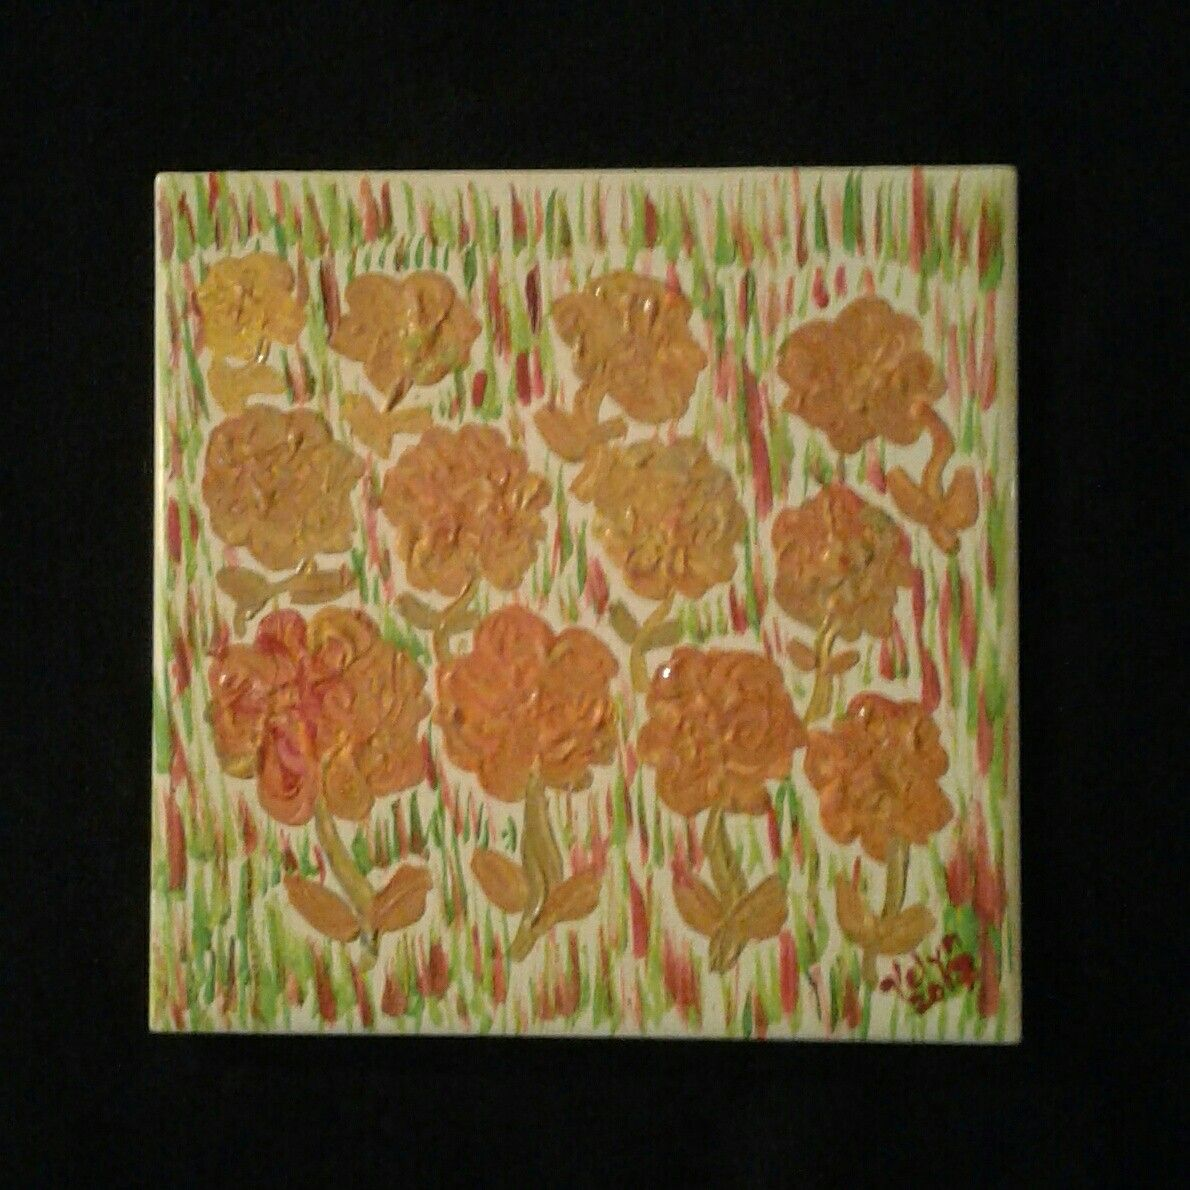 Ceramic Tile Art Art By Velyn Pinterest Ceramic Tile Art And